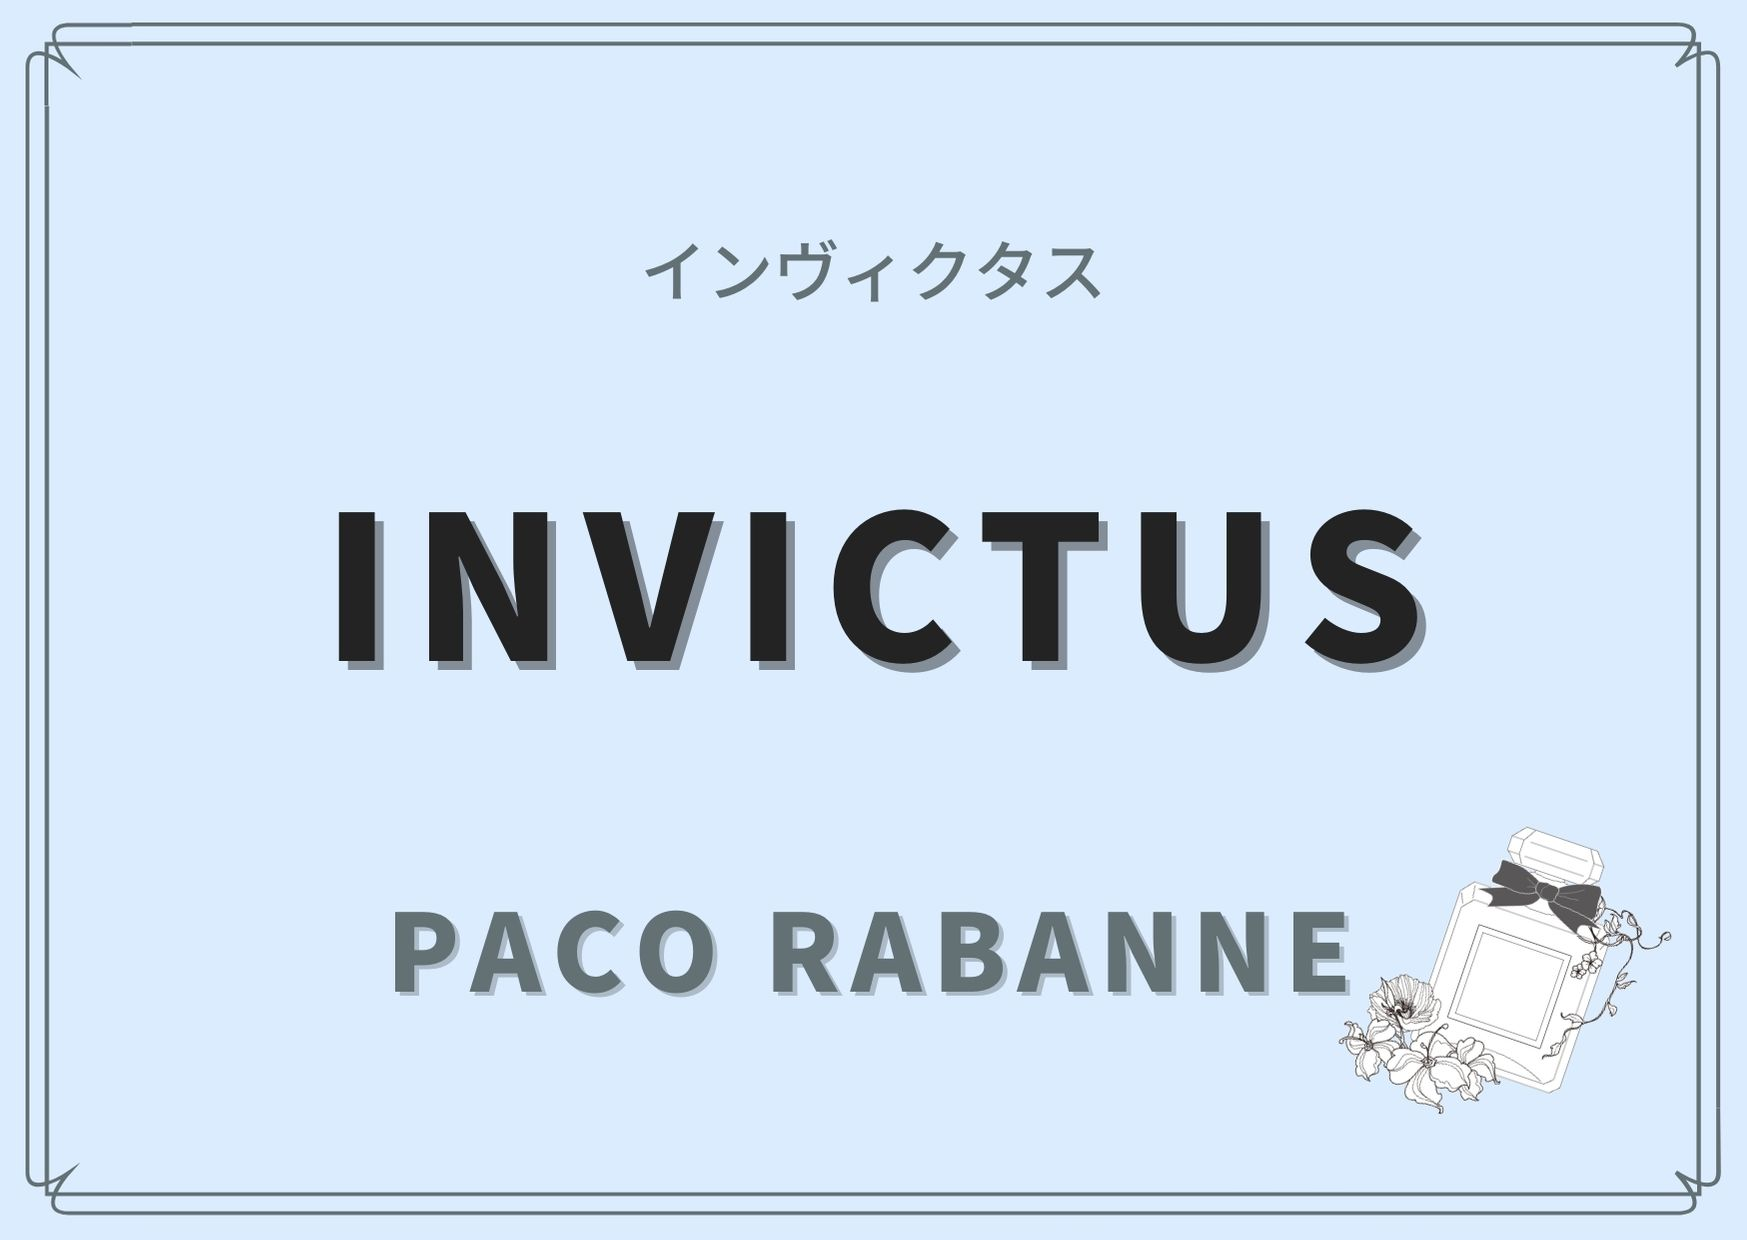 INVICTUS(インヴィクタス)/PACO RABANNE(パコ ラバンヌ)